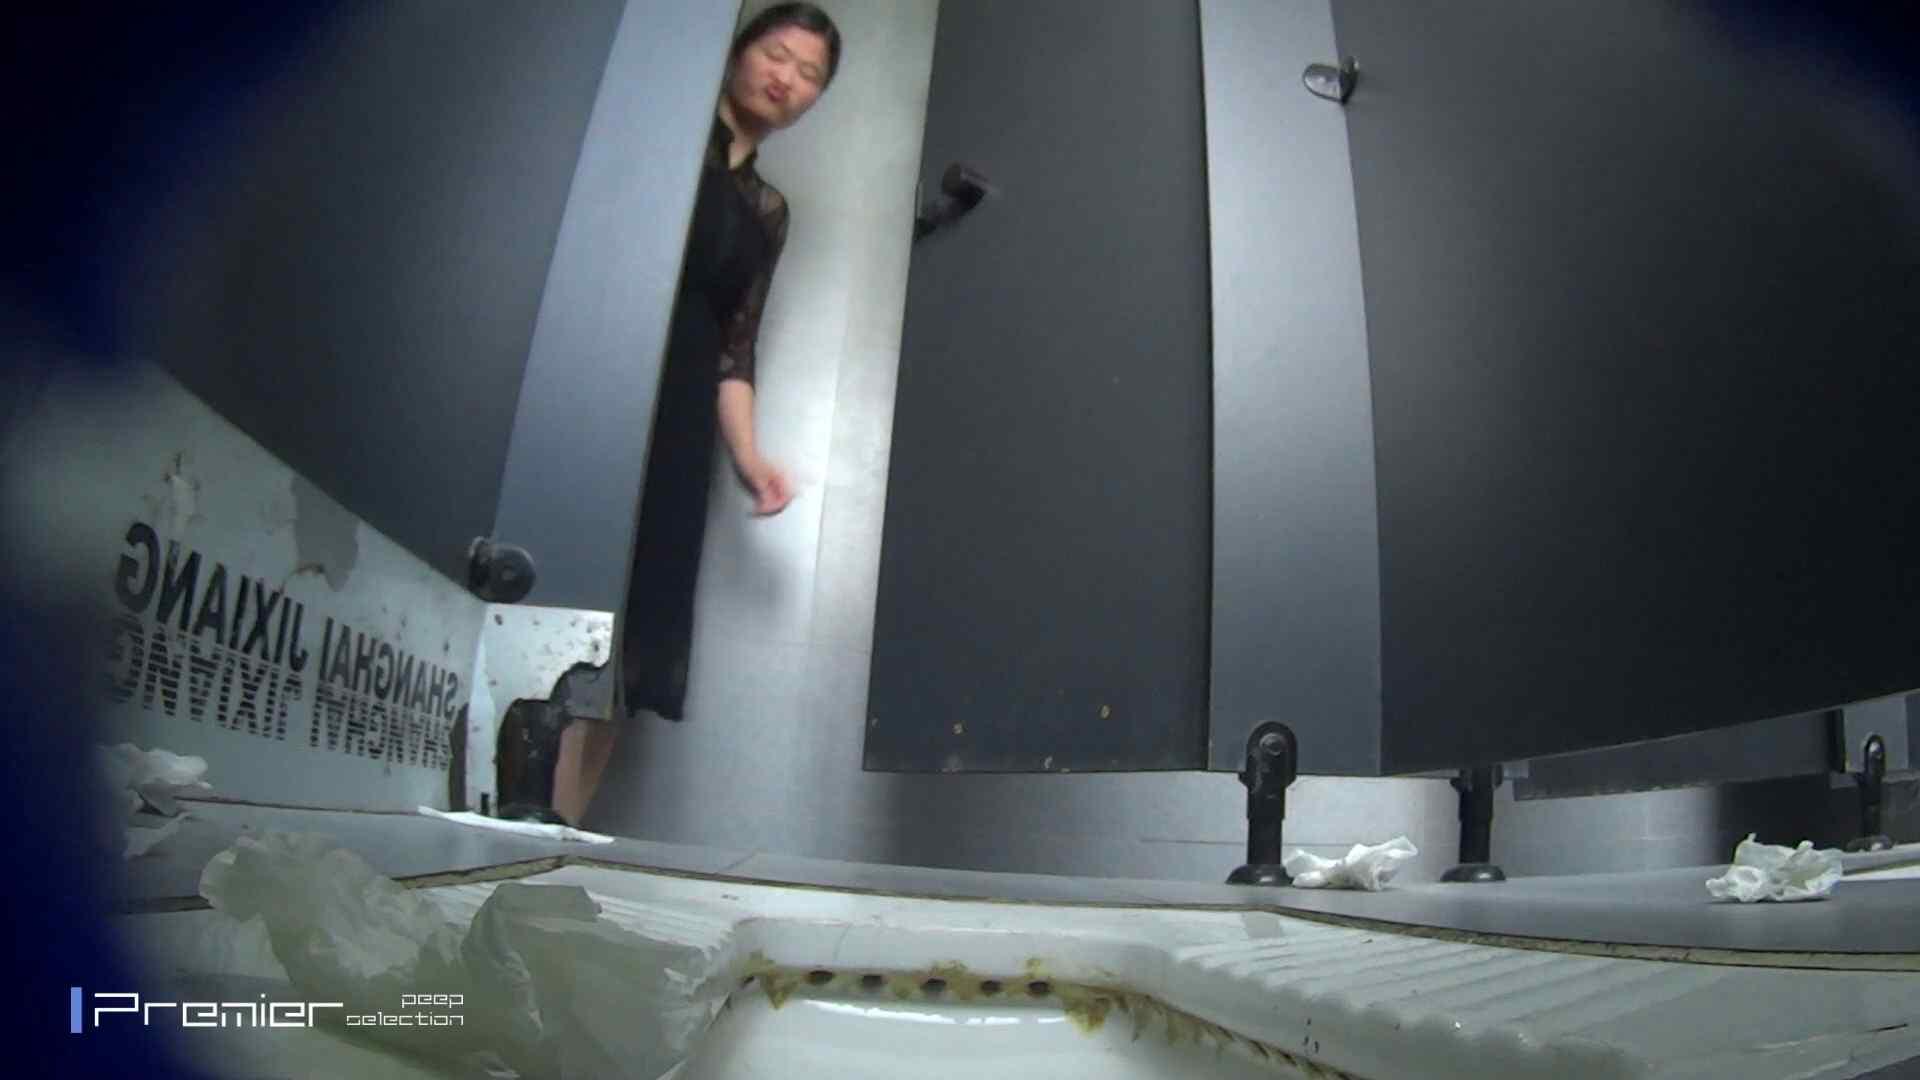 スキニージーンズの美女 大学休憩時間の洗面所事情56 0  88連発 54